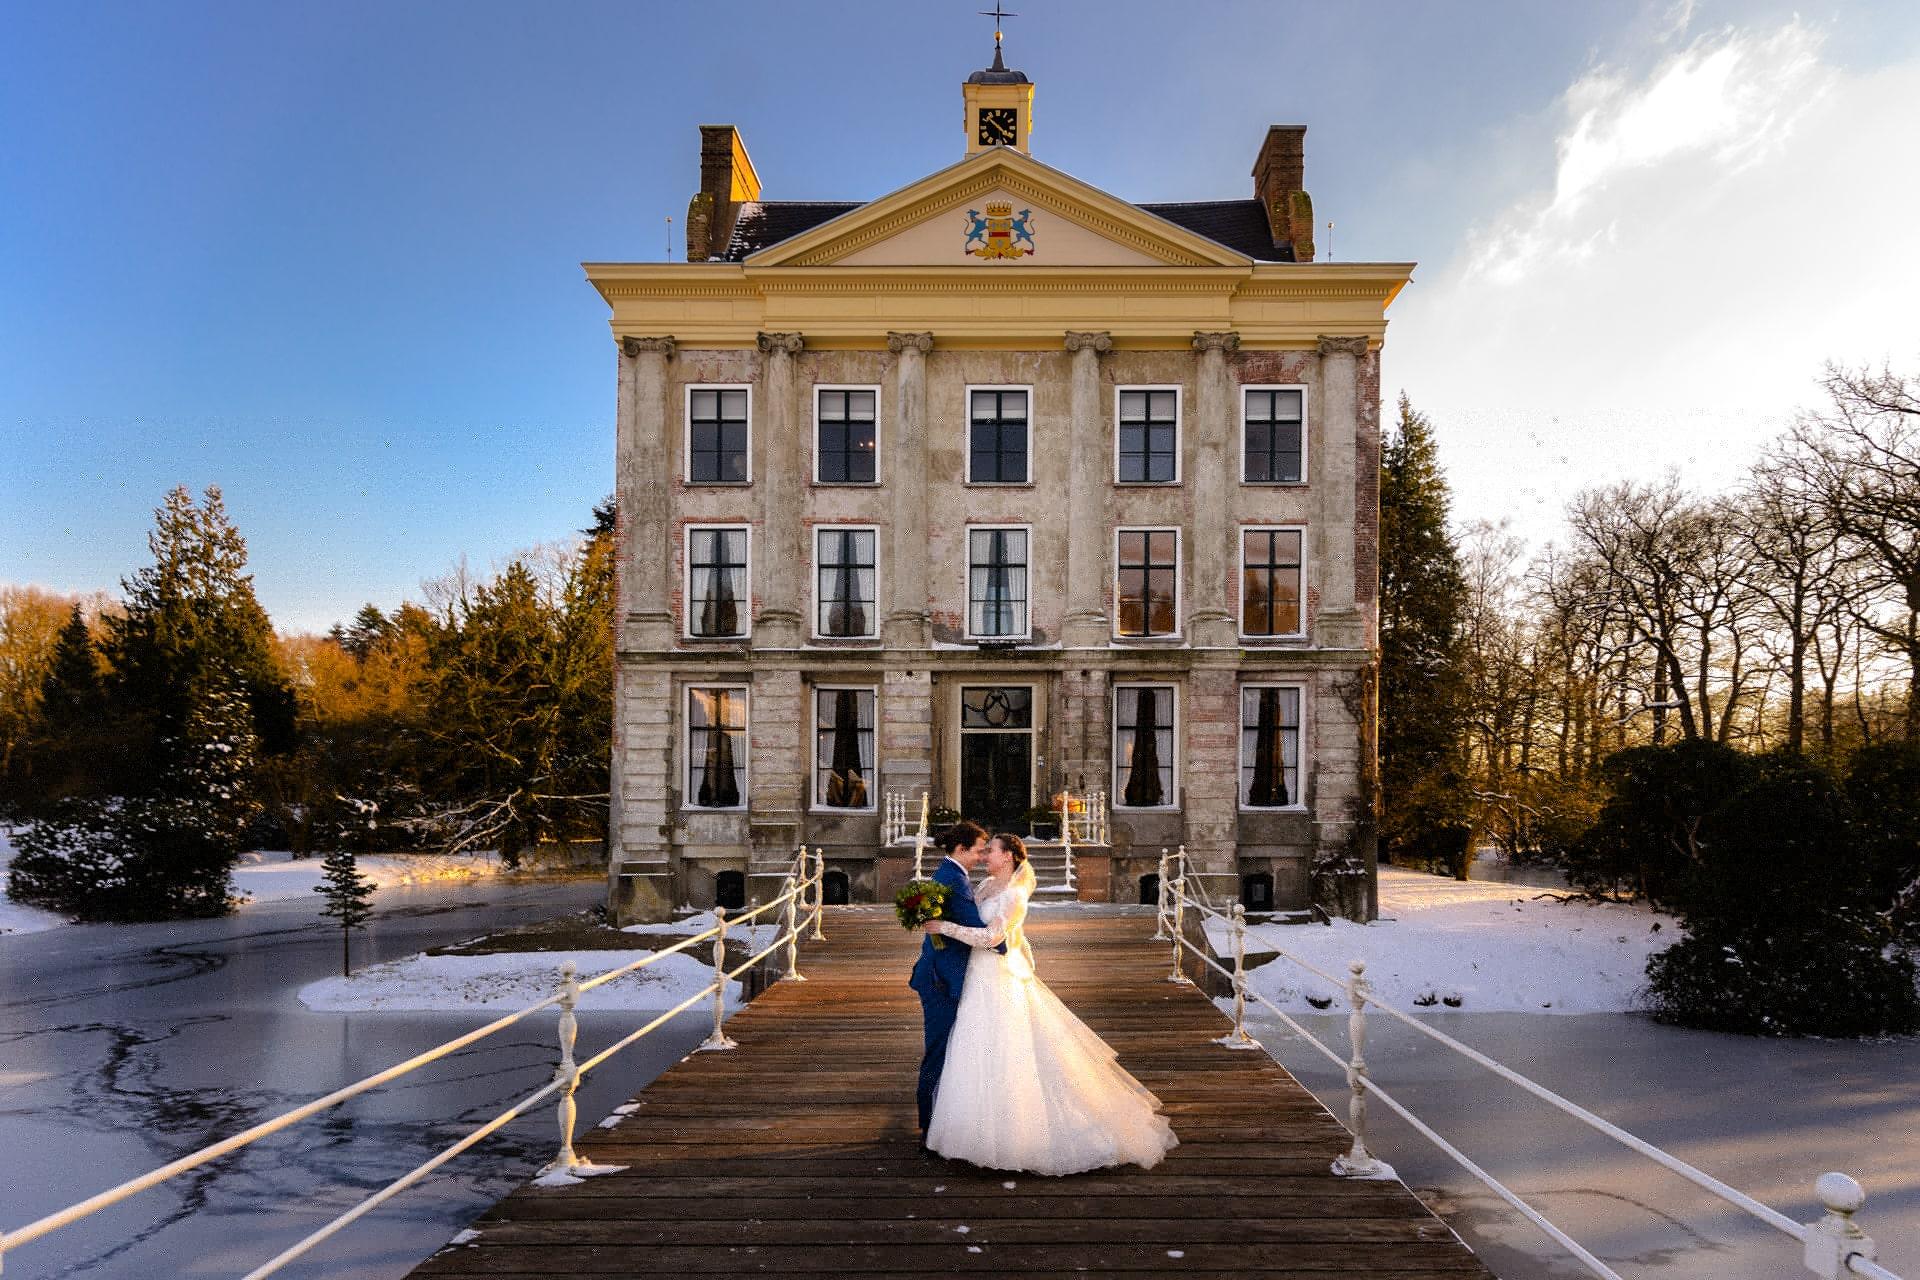 Bruidsfotografie trouwen Kasteel Ter Horst Loenen in winter met sneeuw